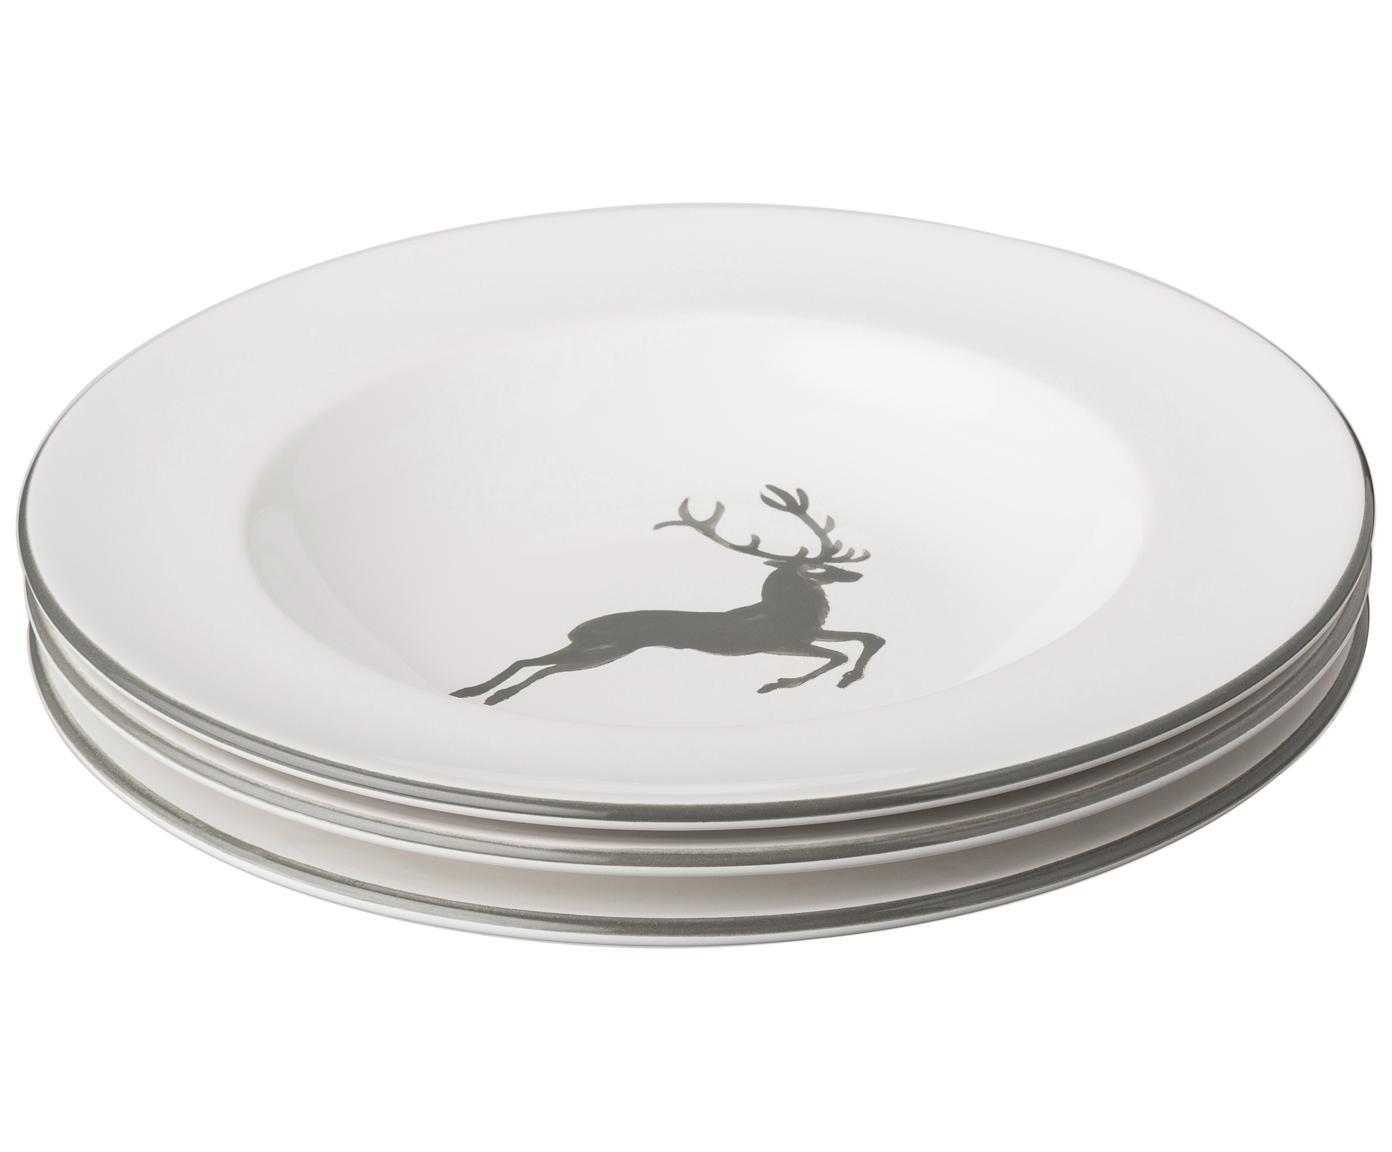 Handbemalter Suppenteller Gourmet Grauer Hirsch, Keramik, Grau,Weiß, Ø 24 cm